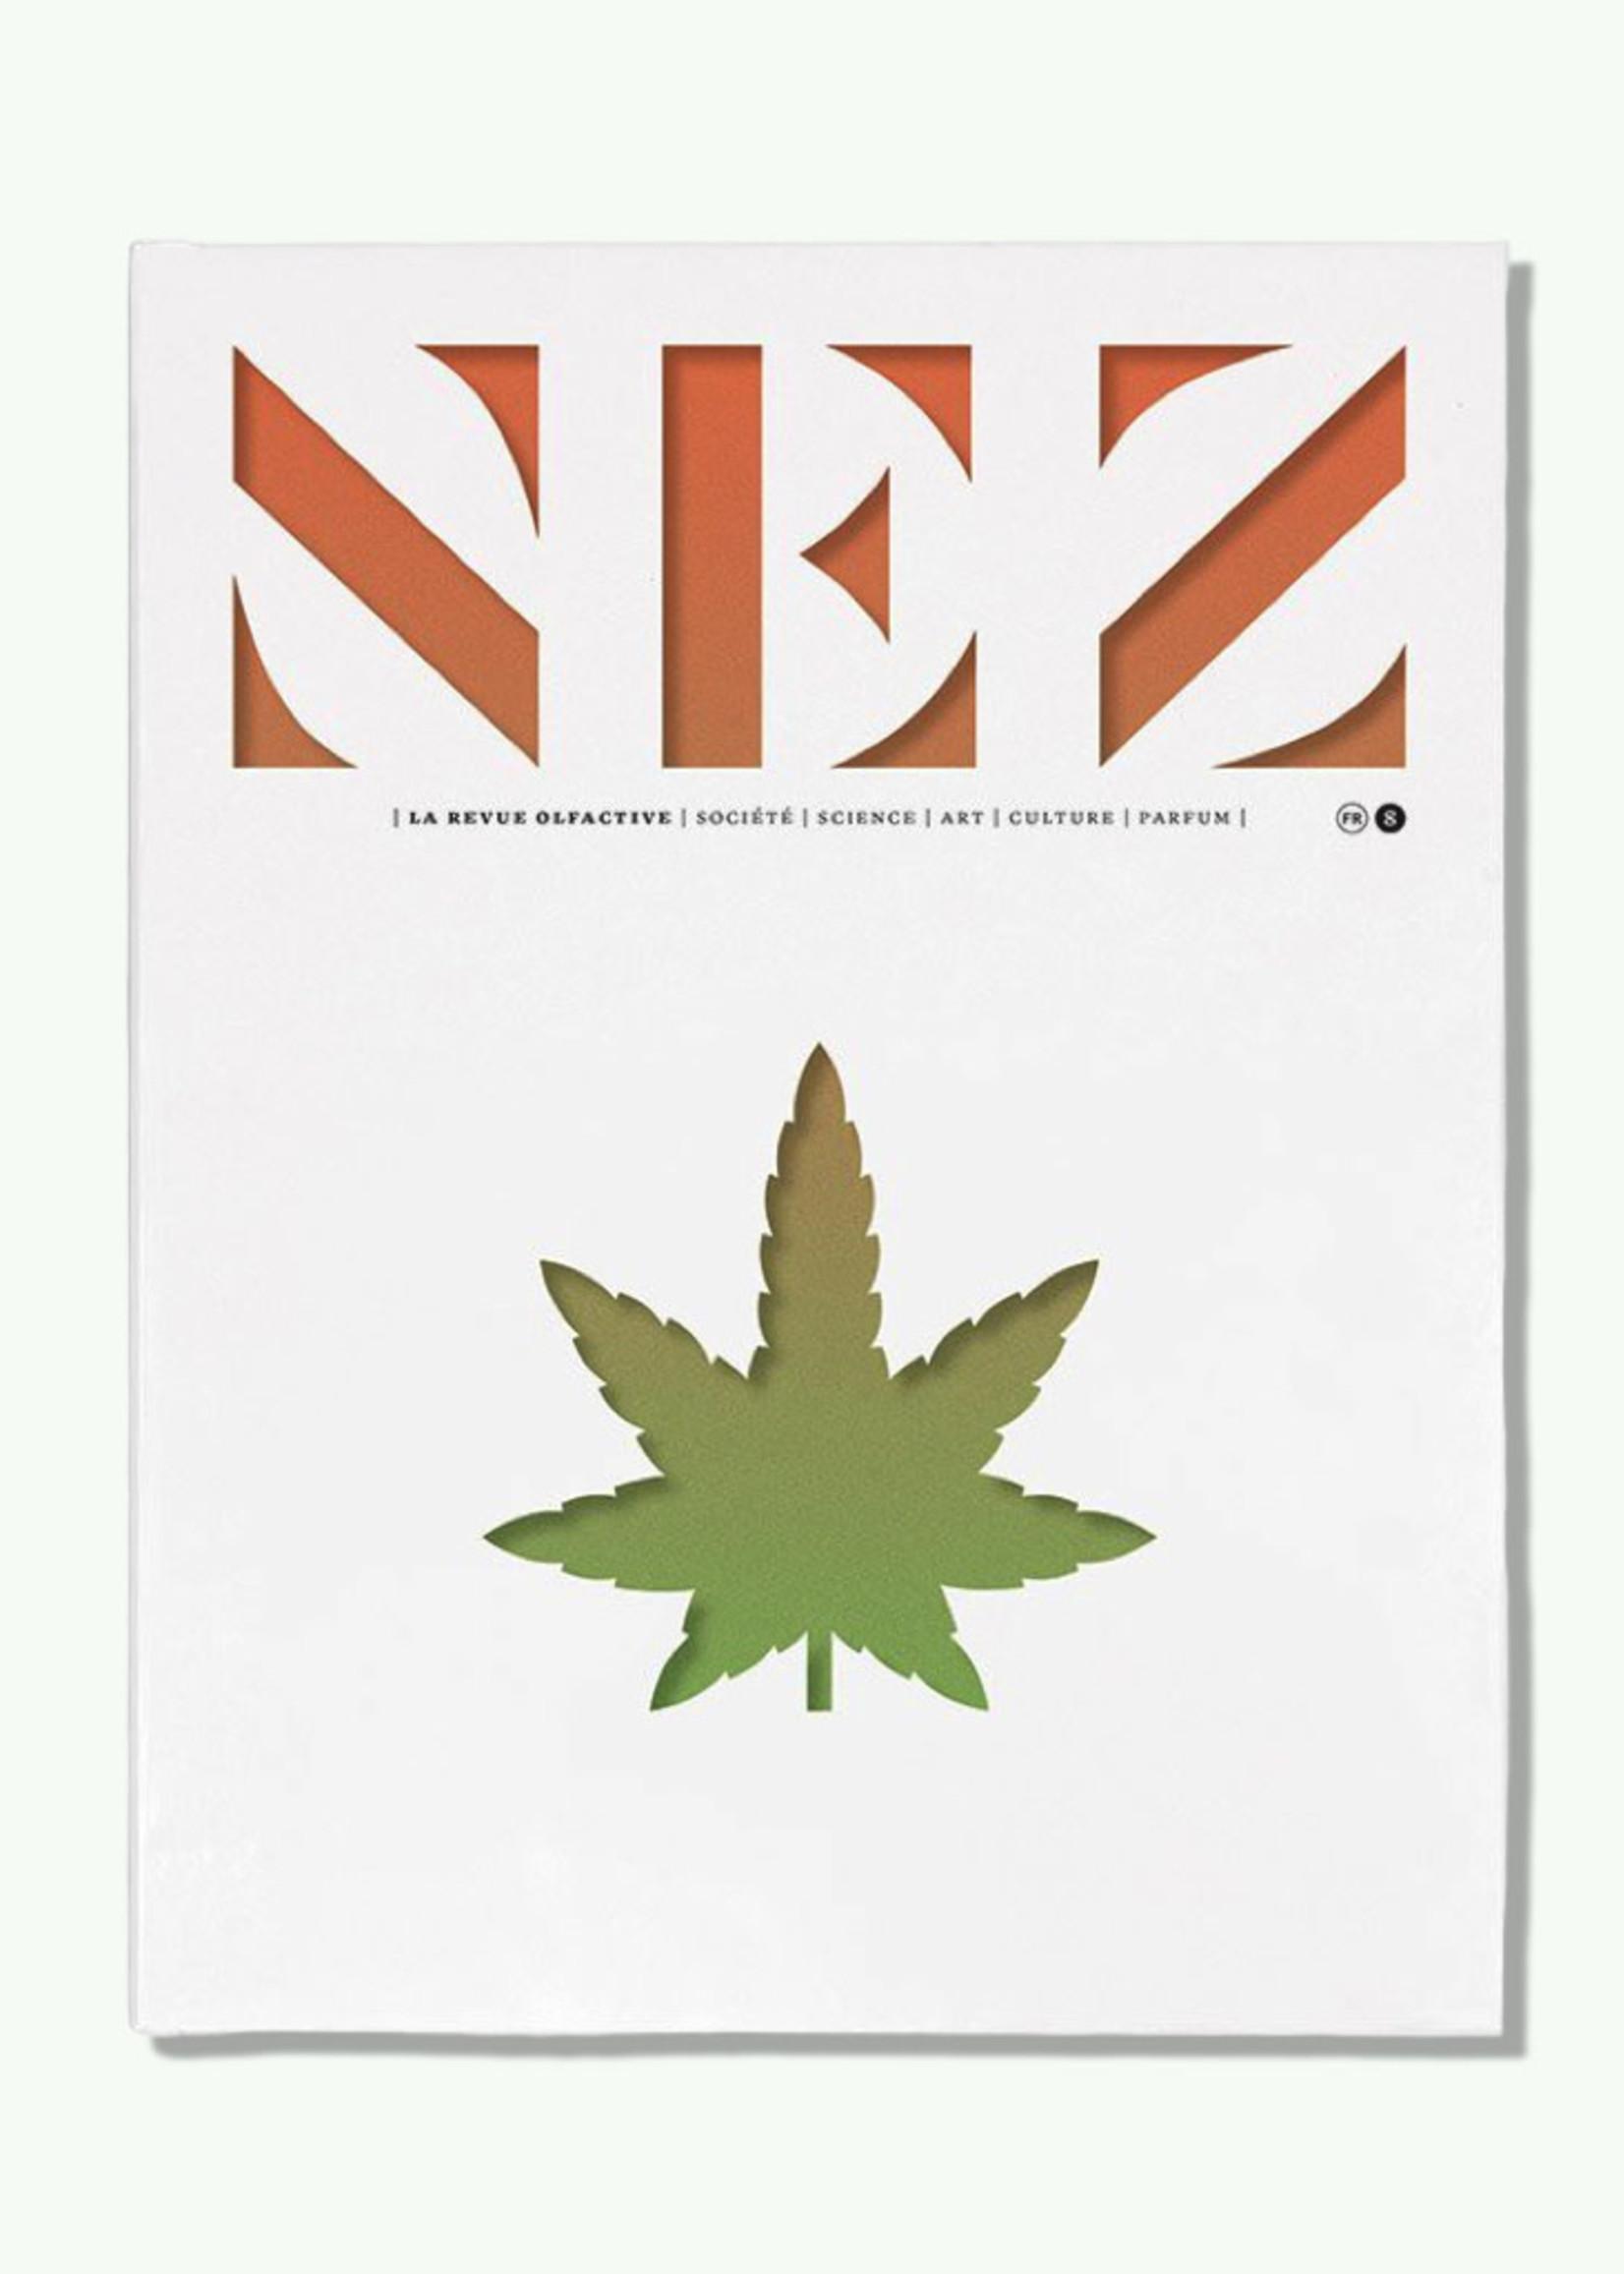 NEZ la revue olfactive NEZ n°8 - The Olfactory Magazine